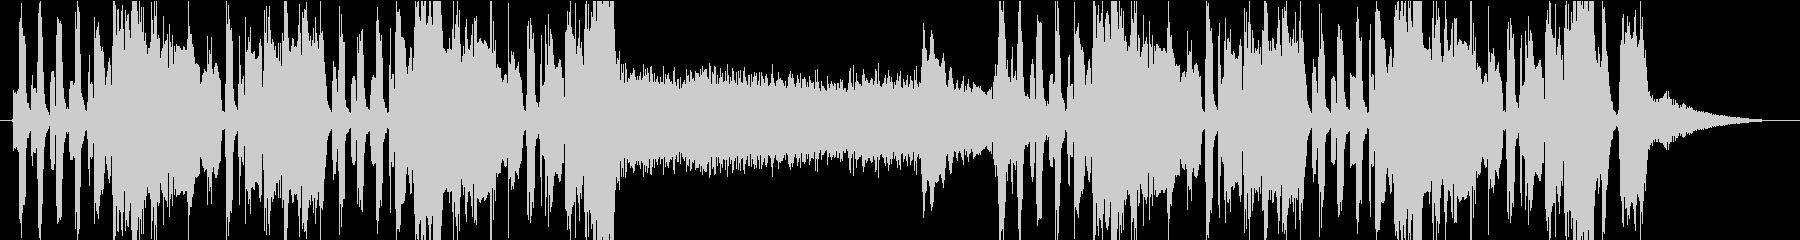 トランペットのメロディが怪しい雰囲気の曲の未再生の波形